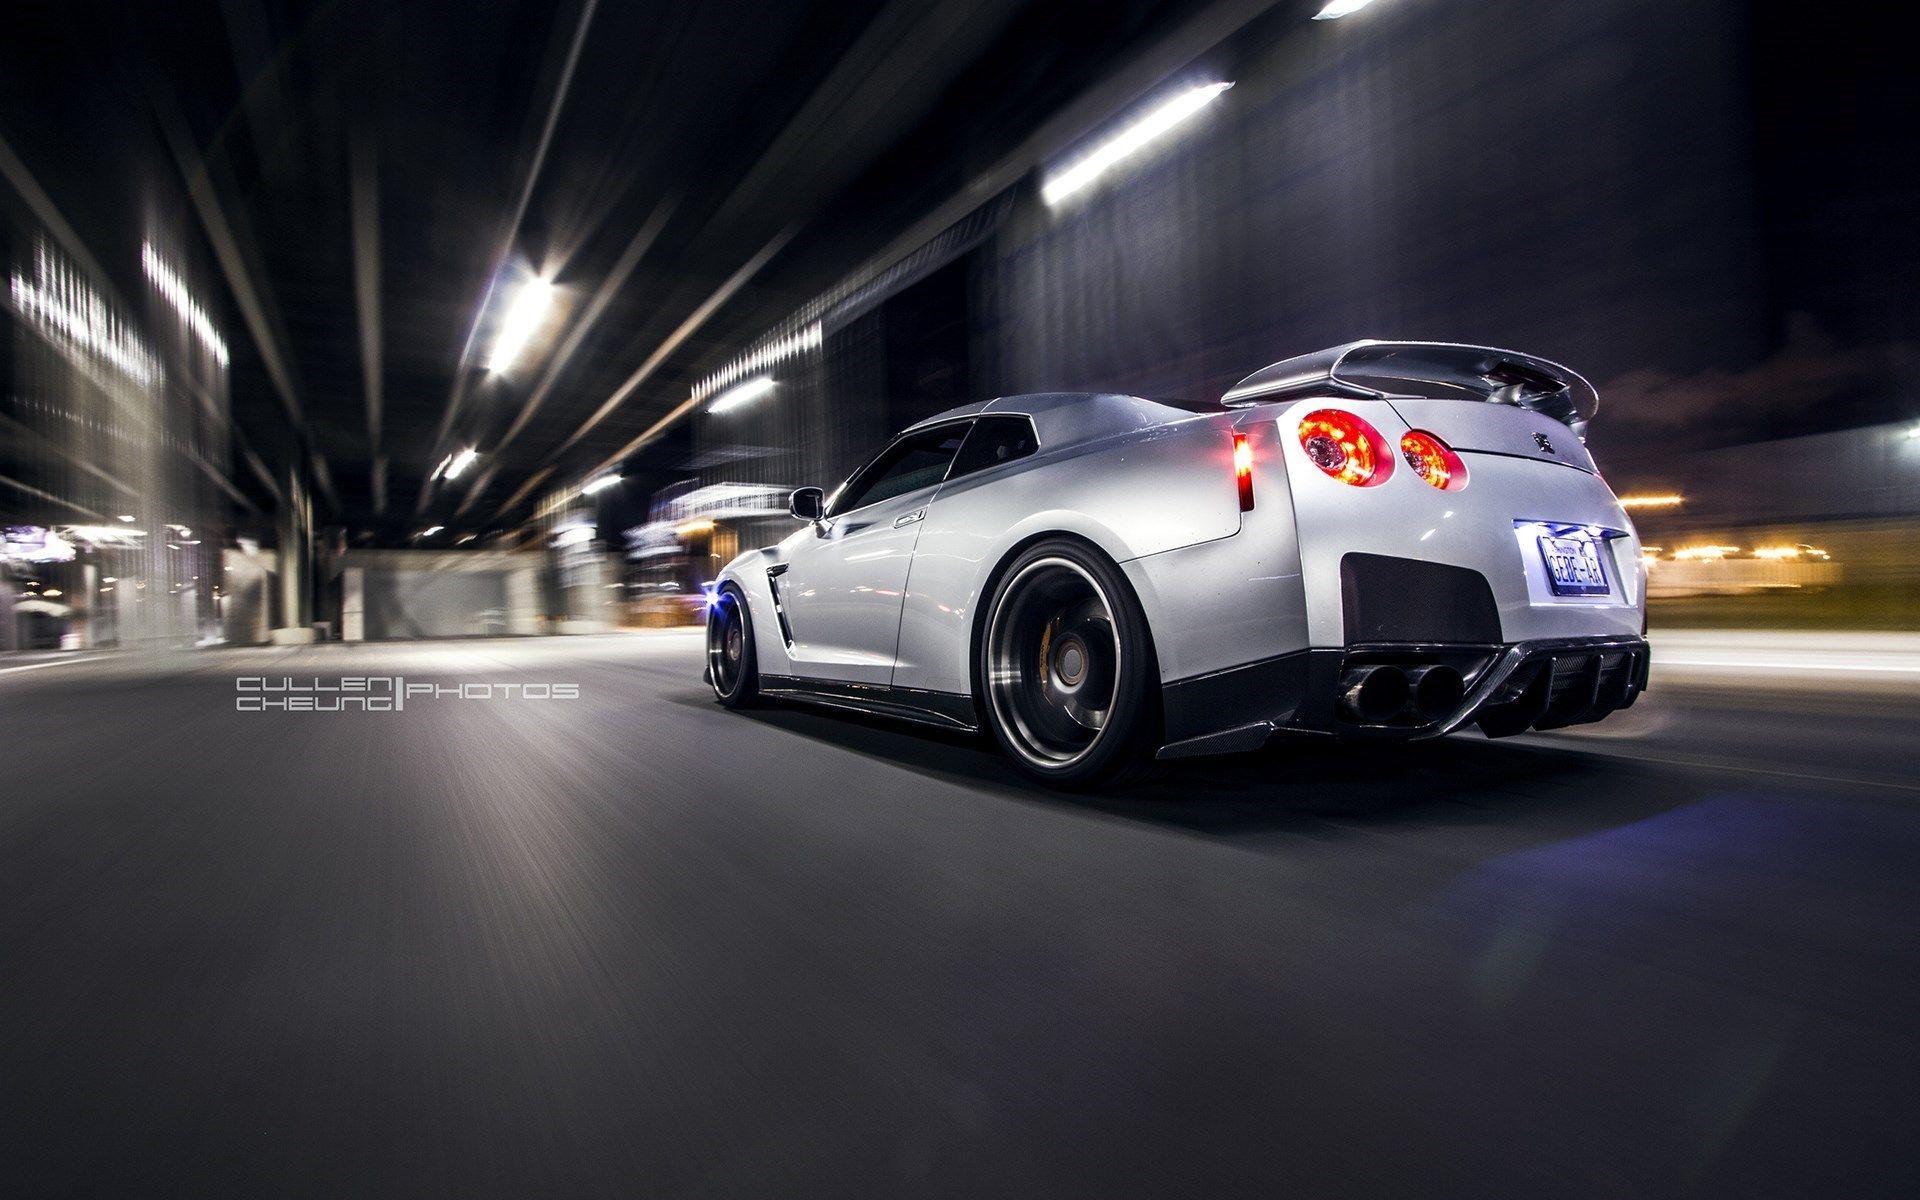 Nissan GTR HD Wallpapers Backgrounds Wallpaper Beate